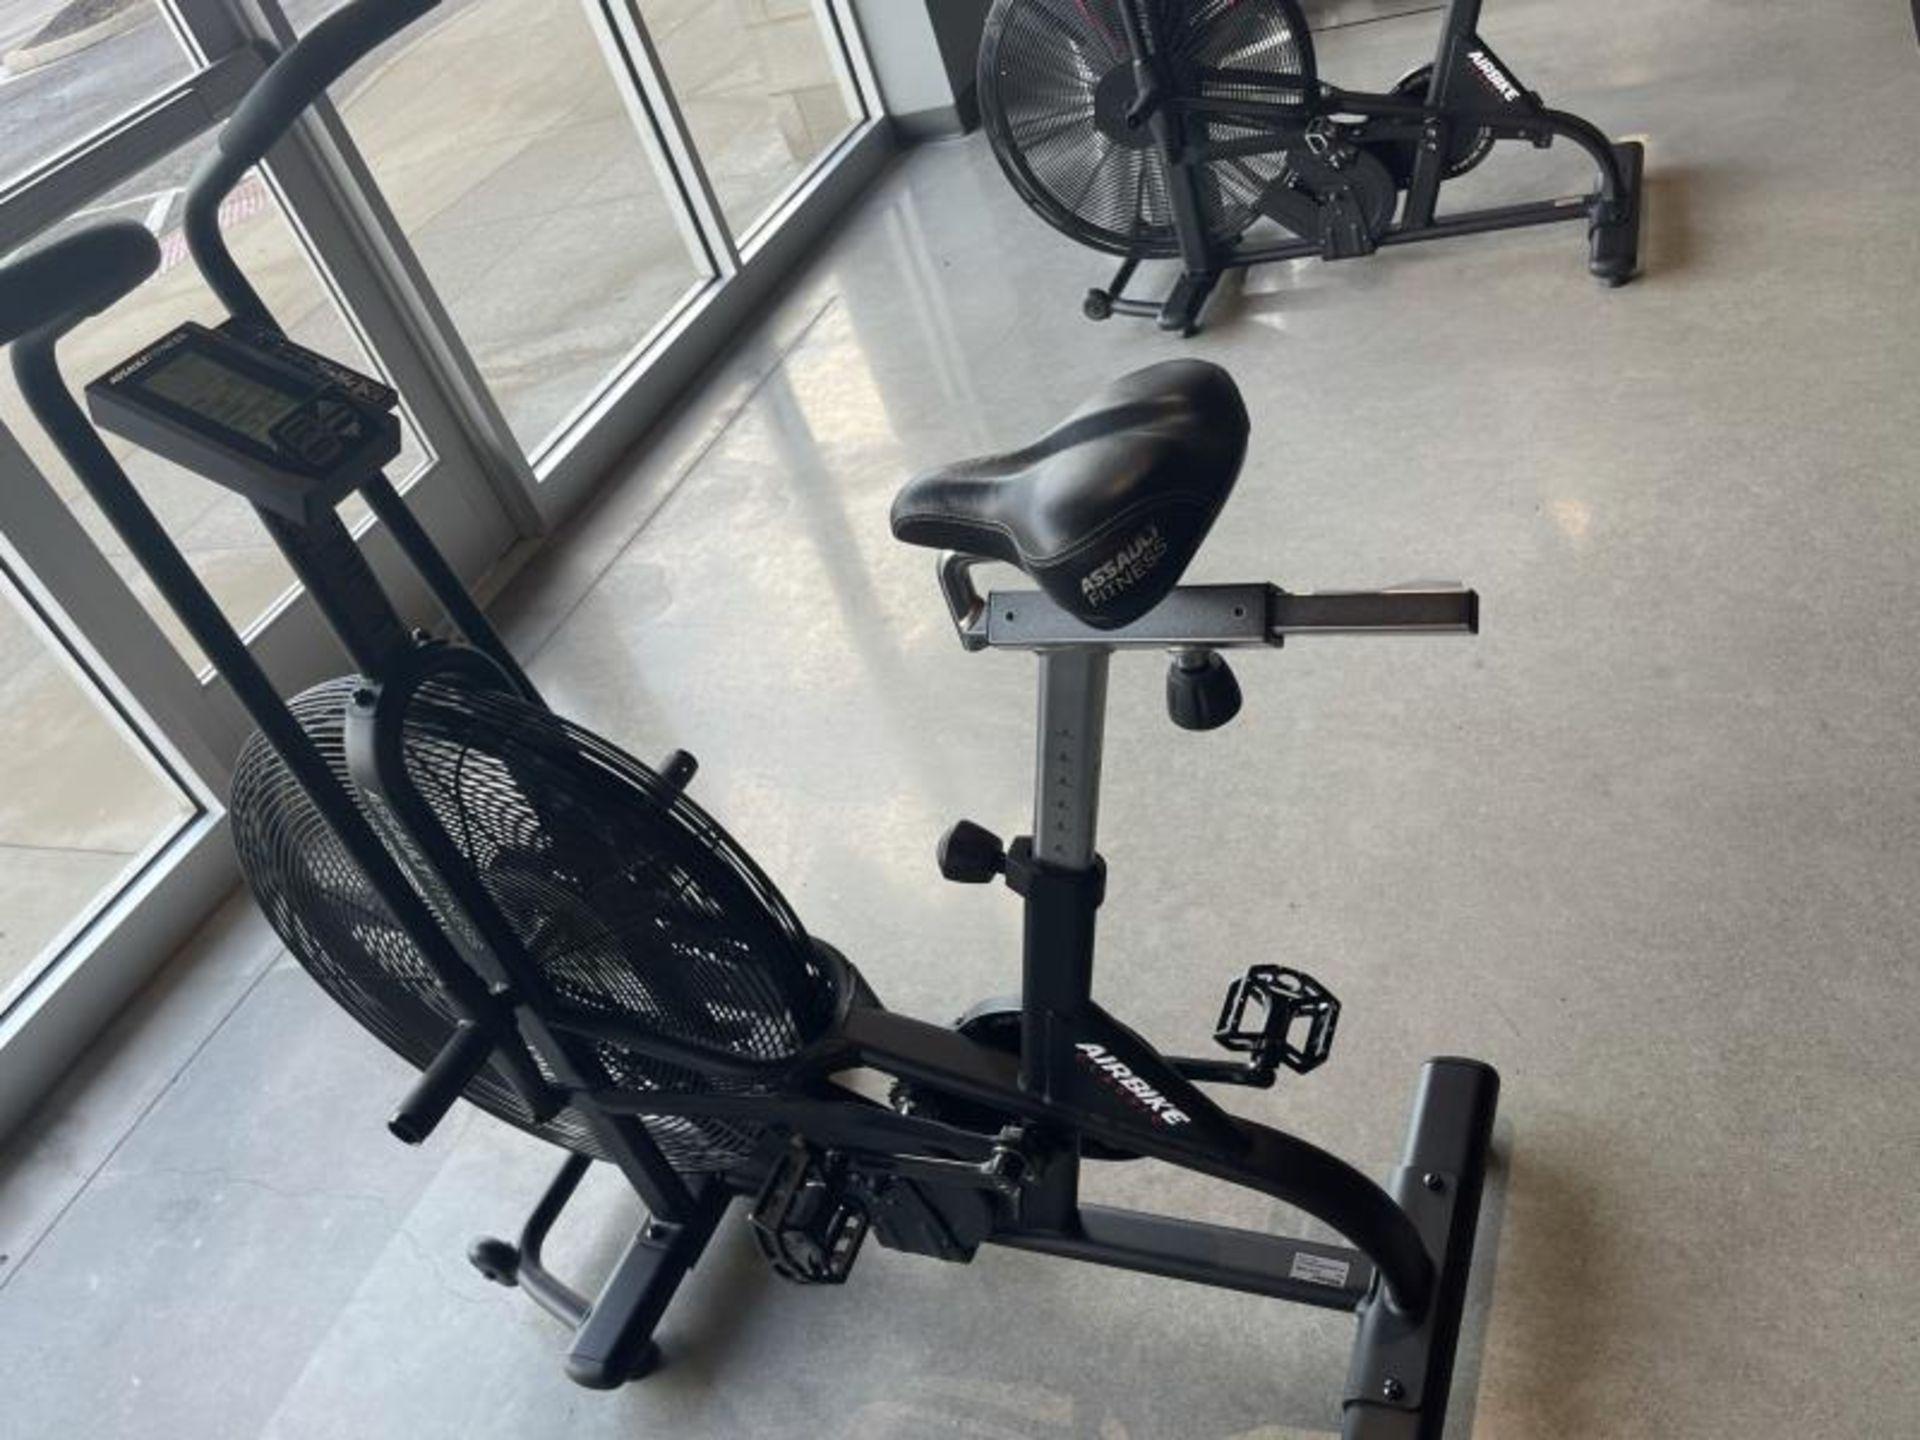 Assault Fitness Air Bike M: ASSAULTAIRBIKE - Image 3 of 4